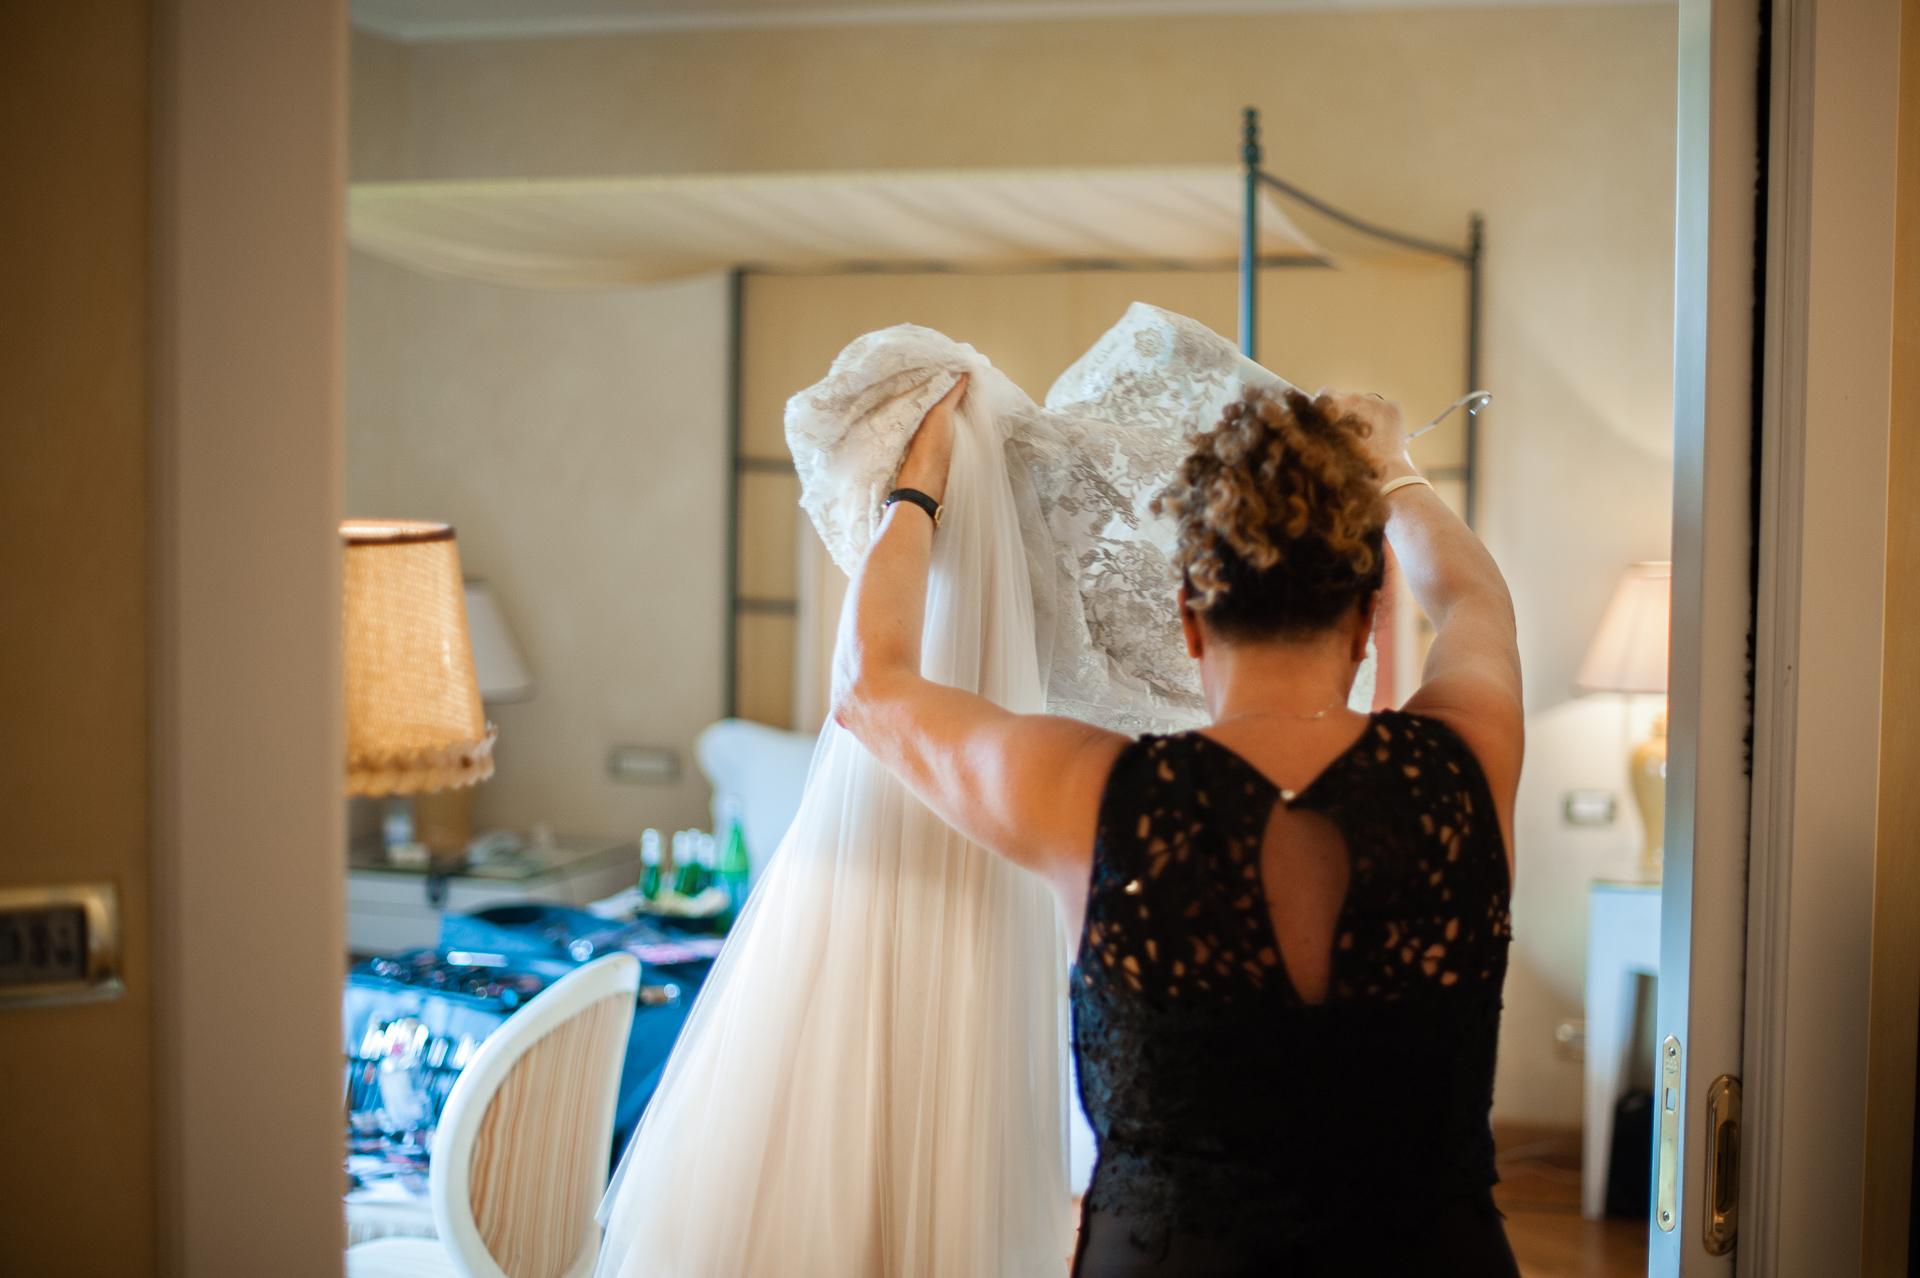 L'Albereta Relais & Châteaux, Erbusco Elopement Bild | Die Mutter der Braut nimmt das Kleid zum Anziehen ihrer Tochter.